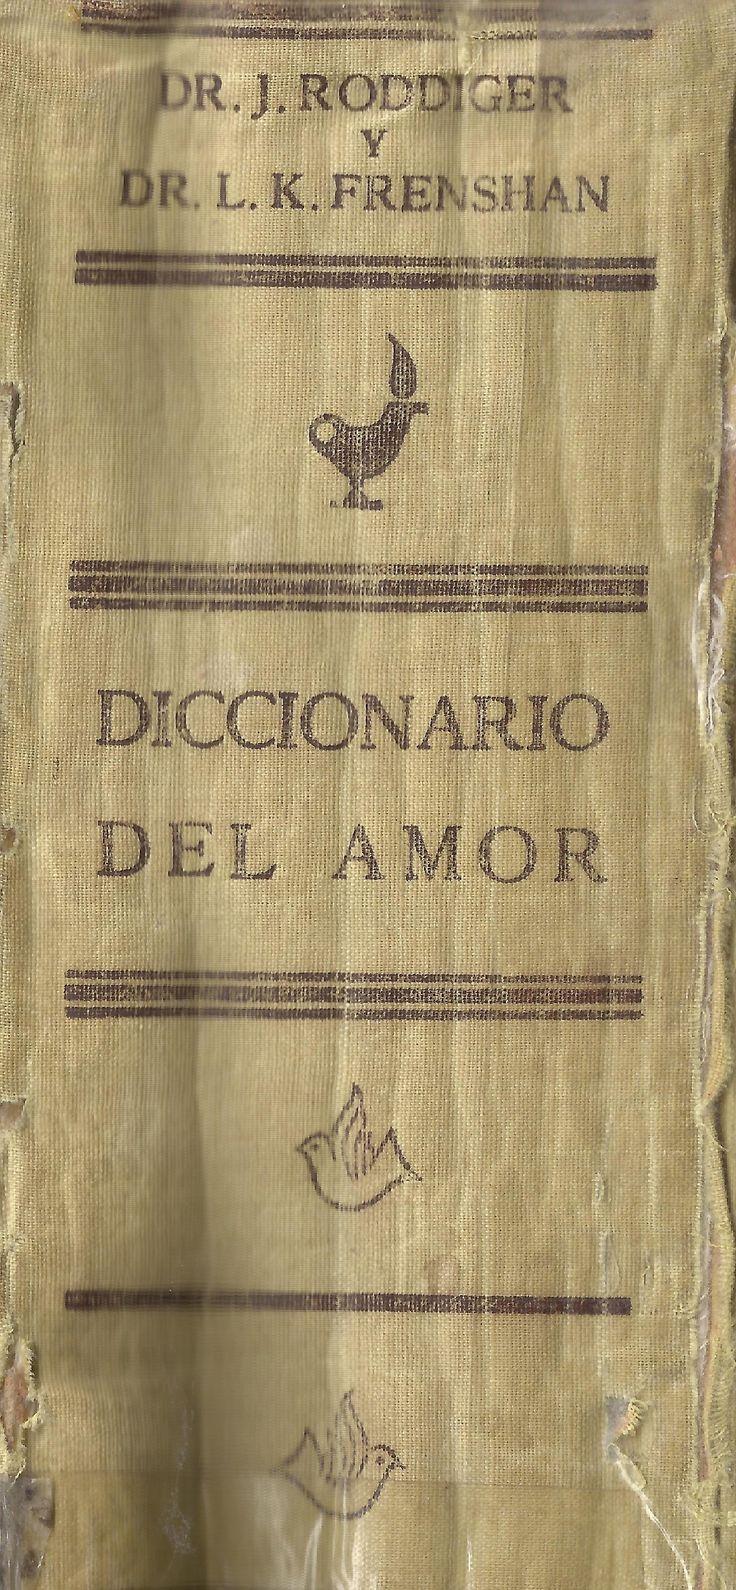 Este diccionario contiene palabras relacionadas al sexo pero no estrictamente  solo referente a la etimología y definición de las mismas, sino con amplitud  precisas tratadas con elegancia espiritual y gramatical.